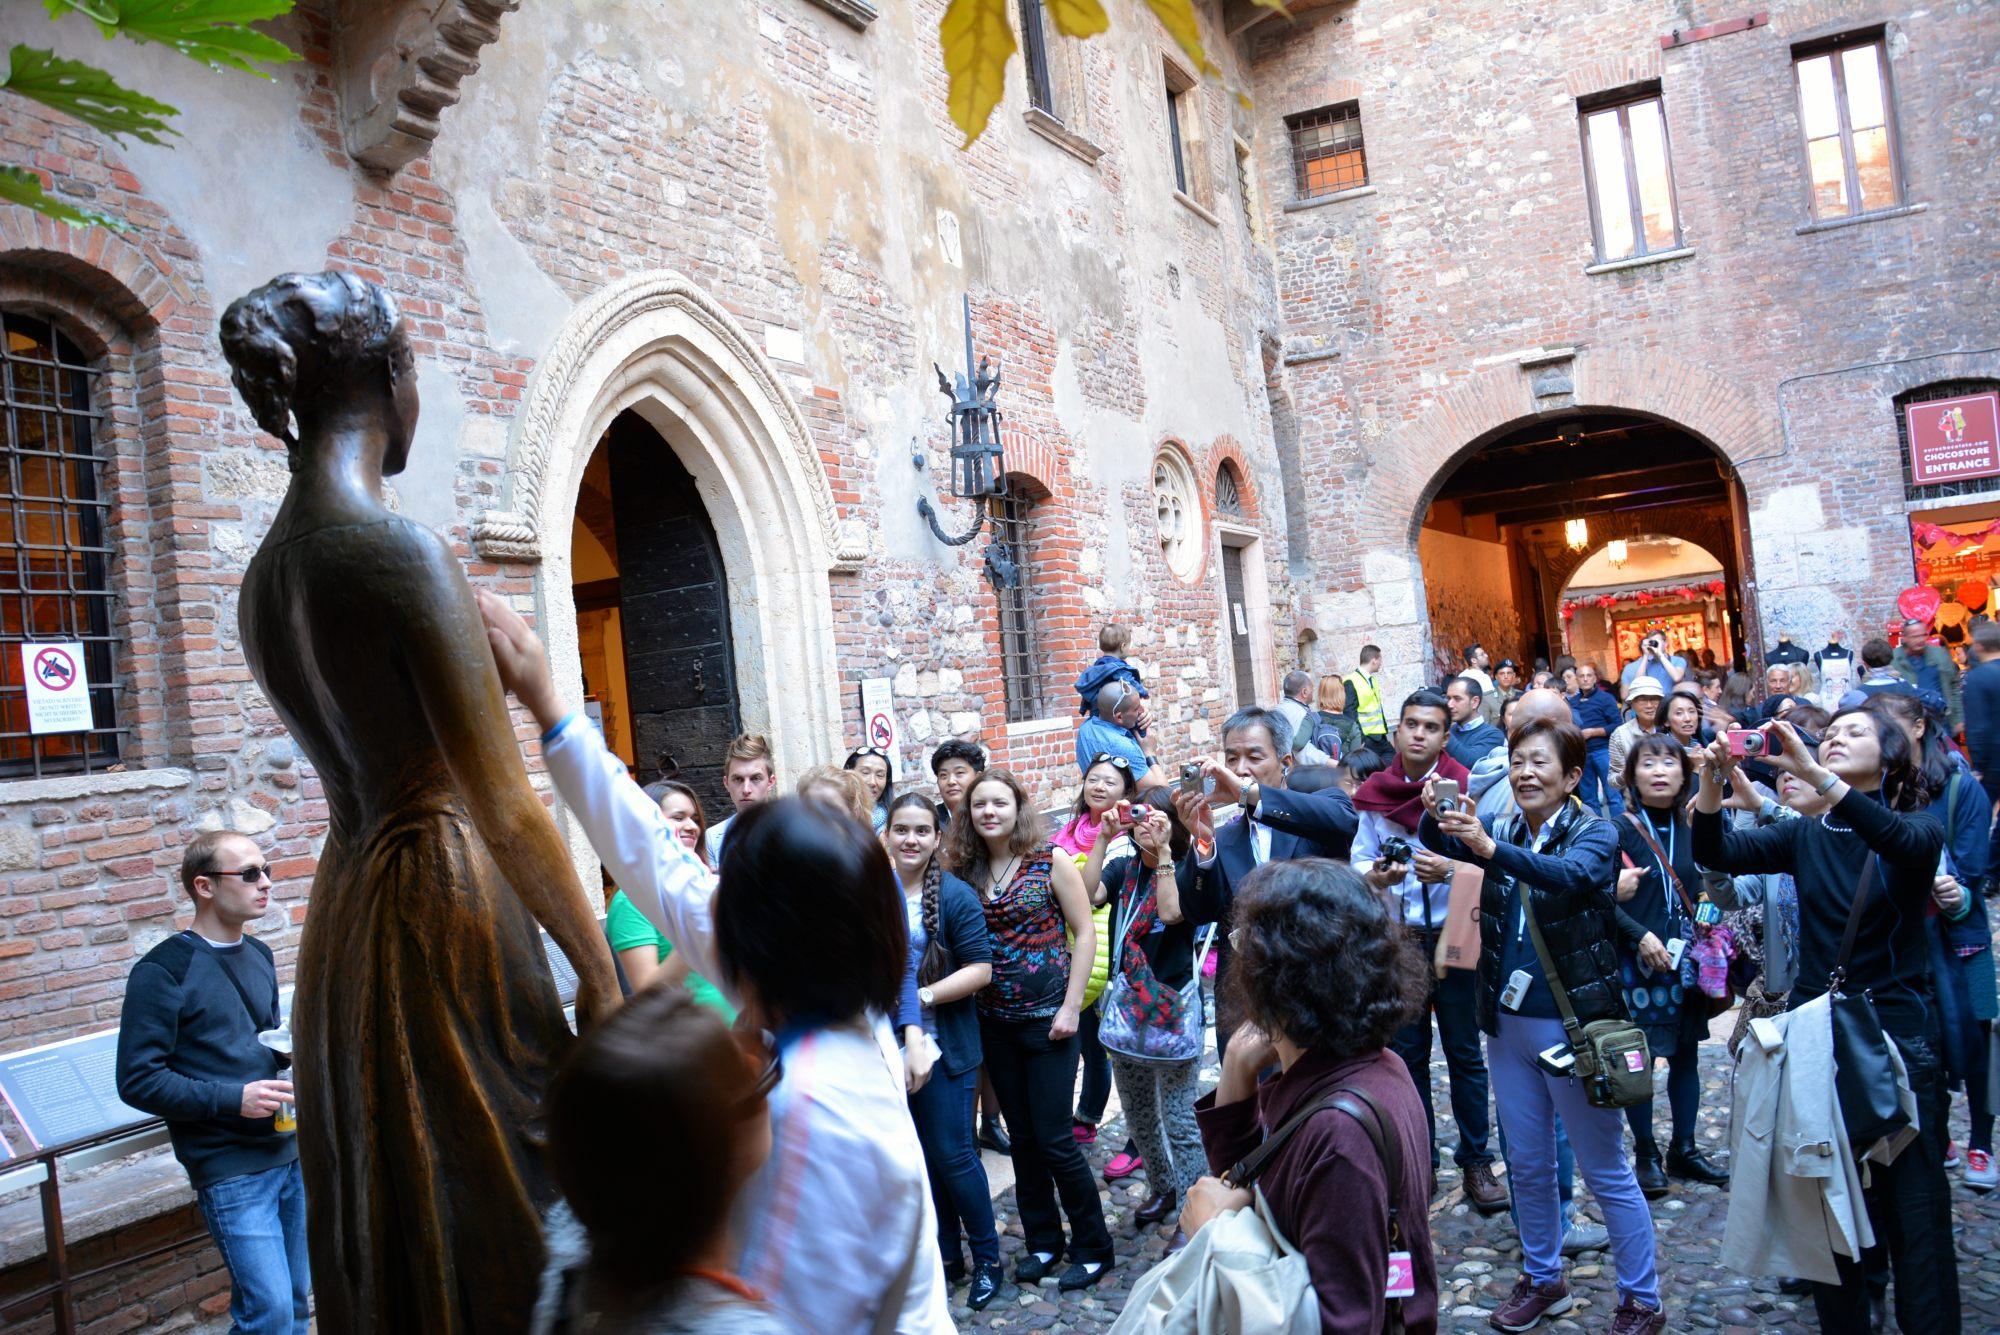 Chiostro di Giulietta a Verona